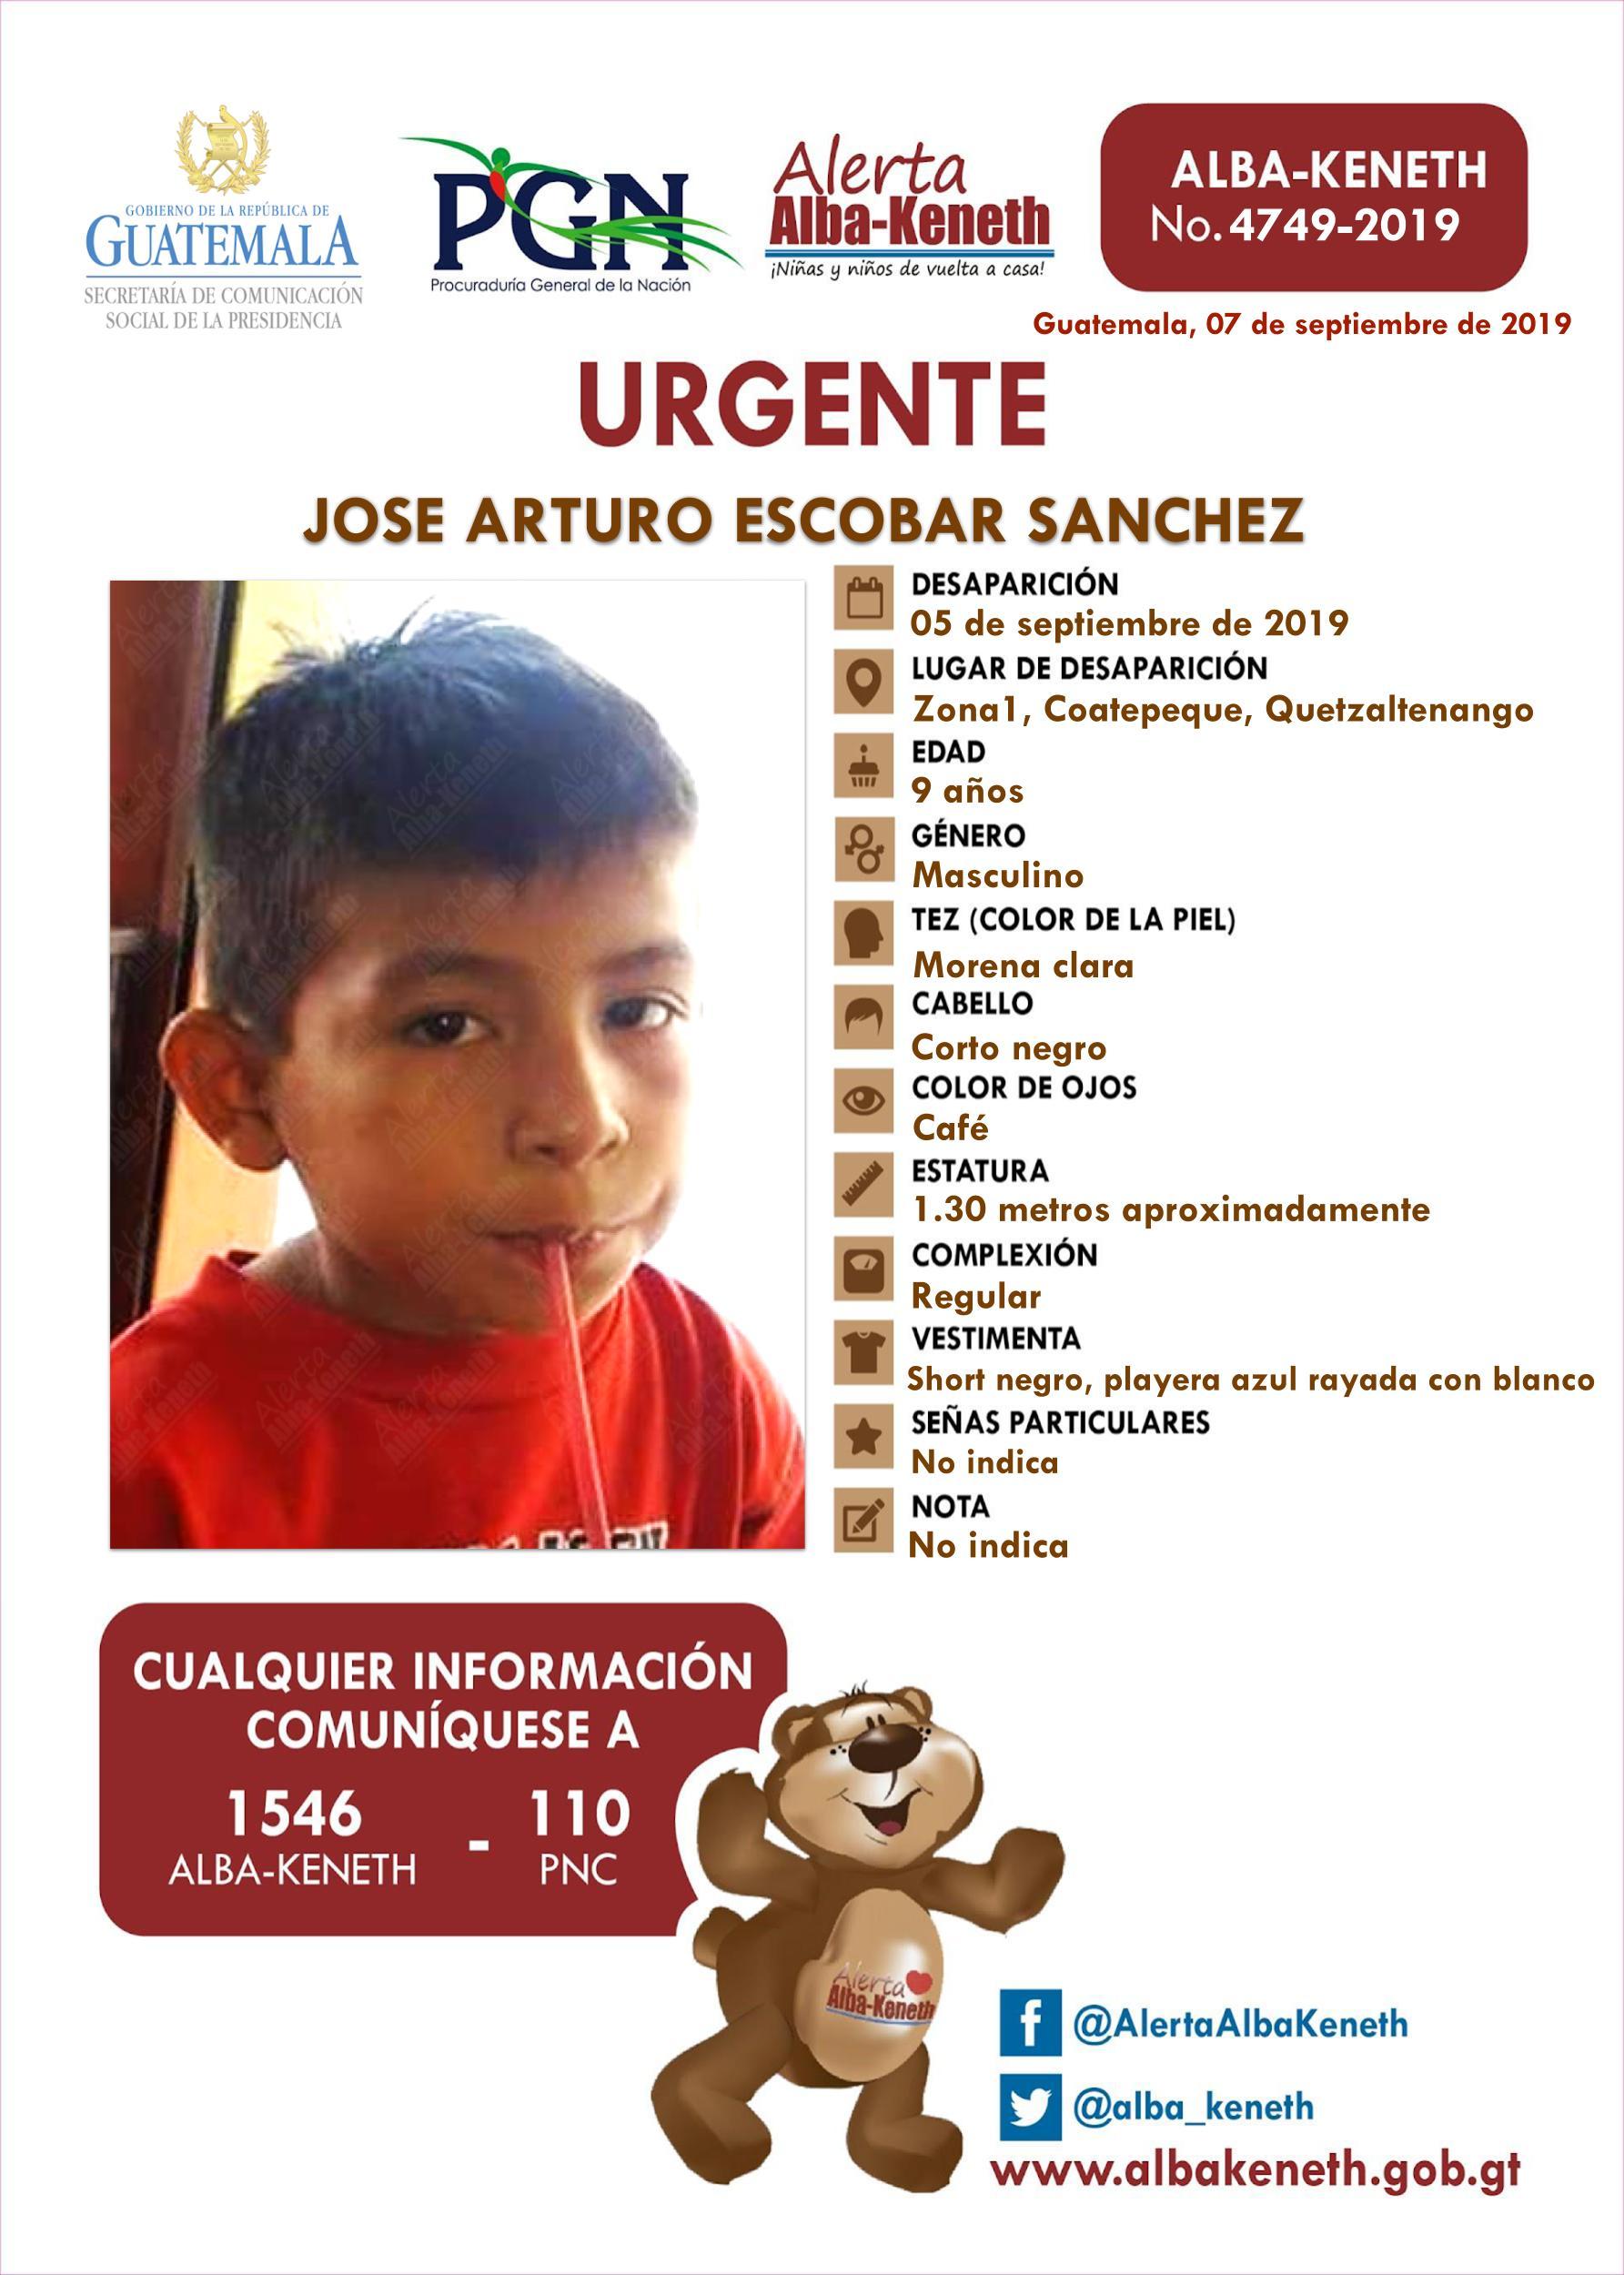 Jose Arturo Escobar Sanchez